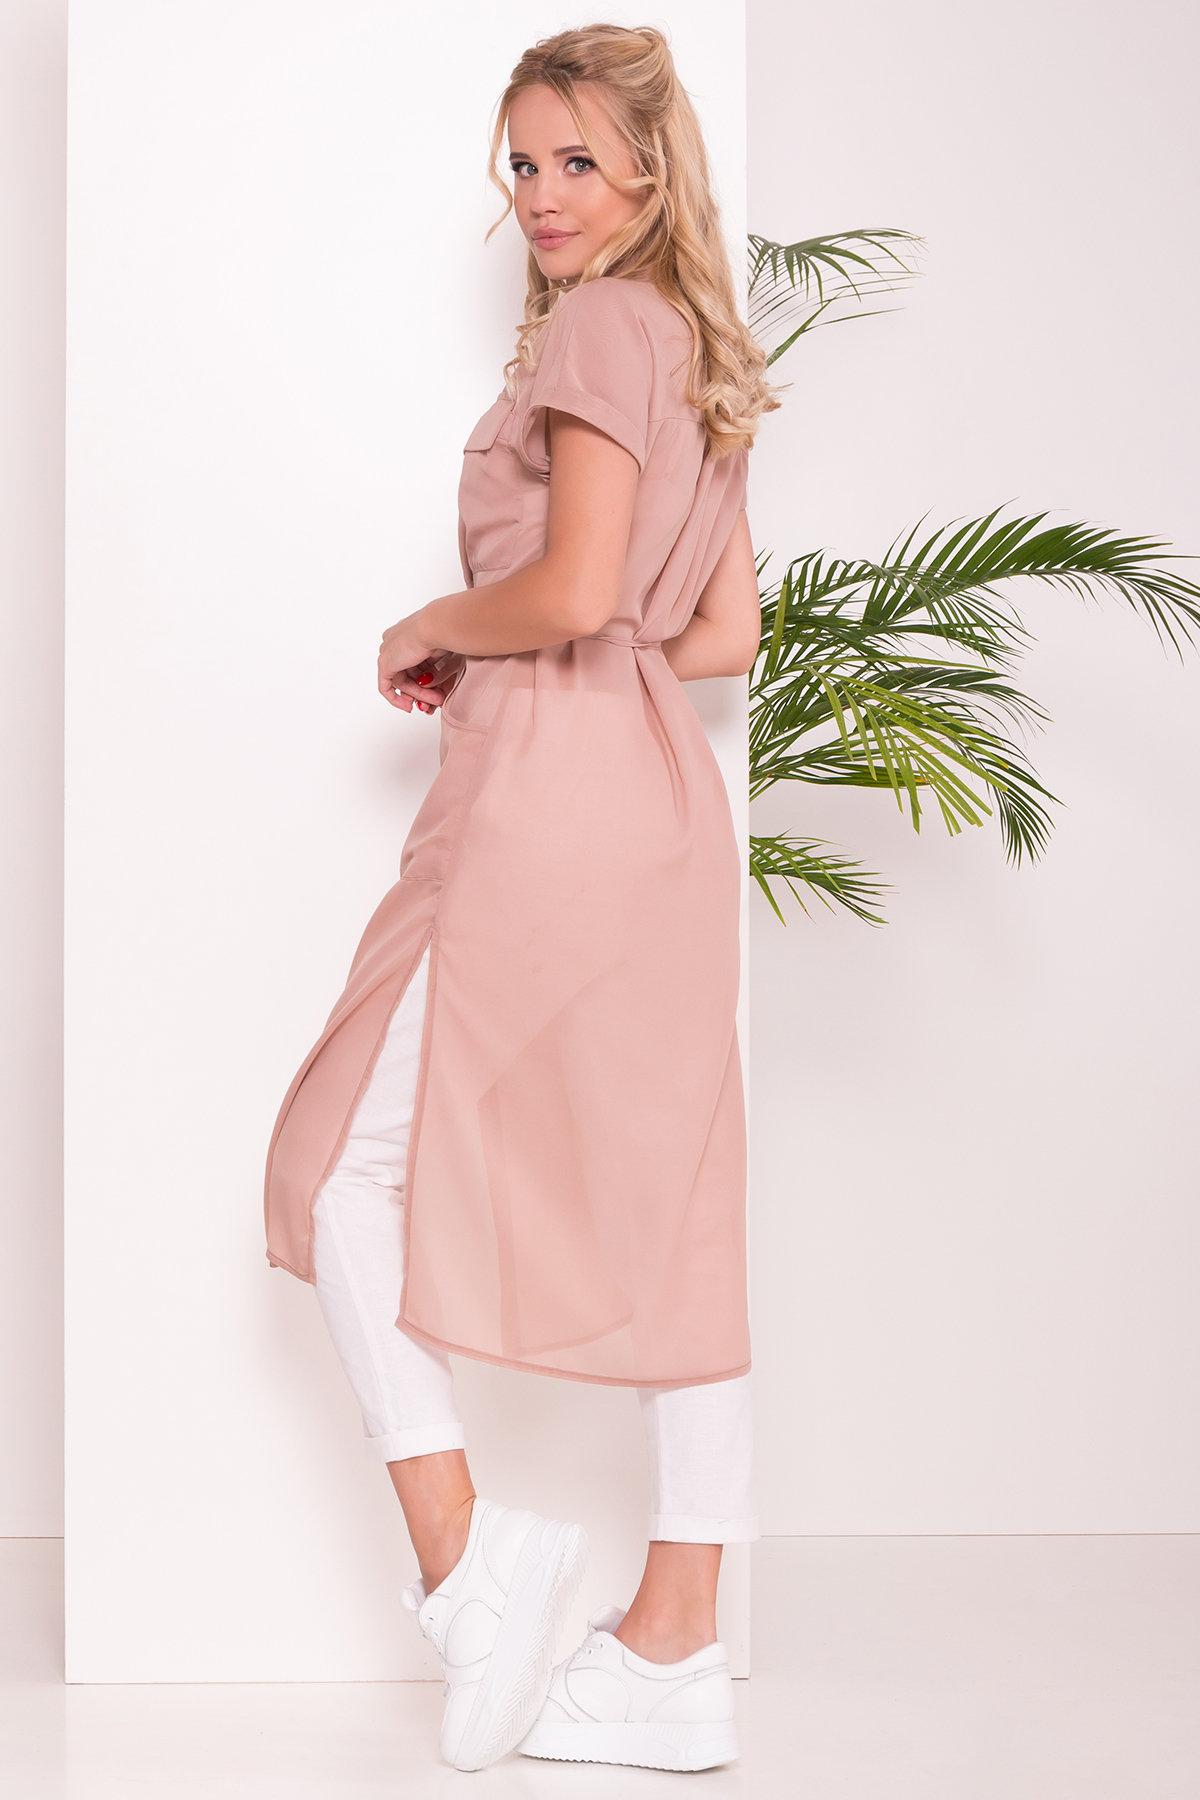 Платье-рубашка Эриал 7544 АРТ. 43467 Цвет: Бежевый - фото 2, интернет магазин tm-modus.ru